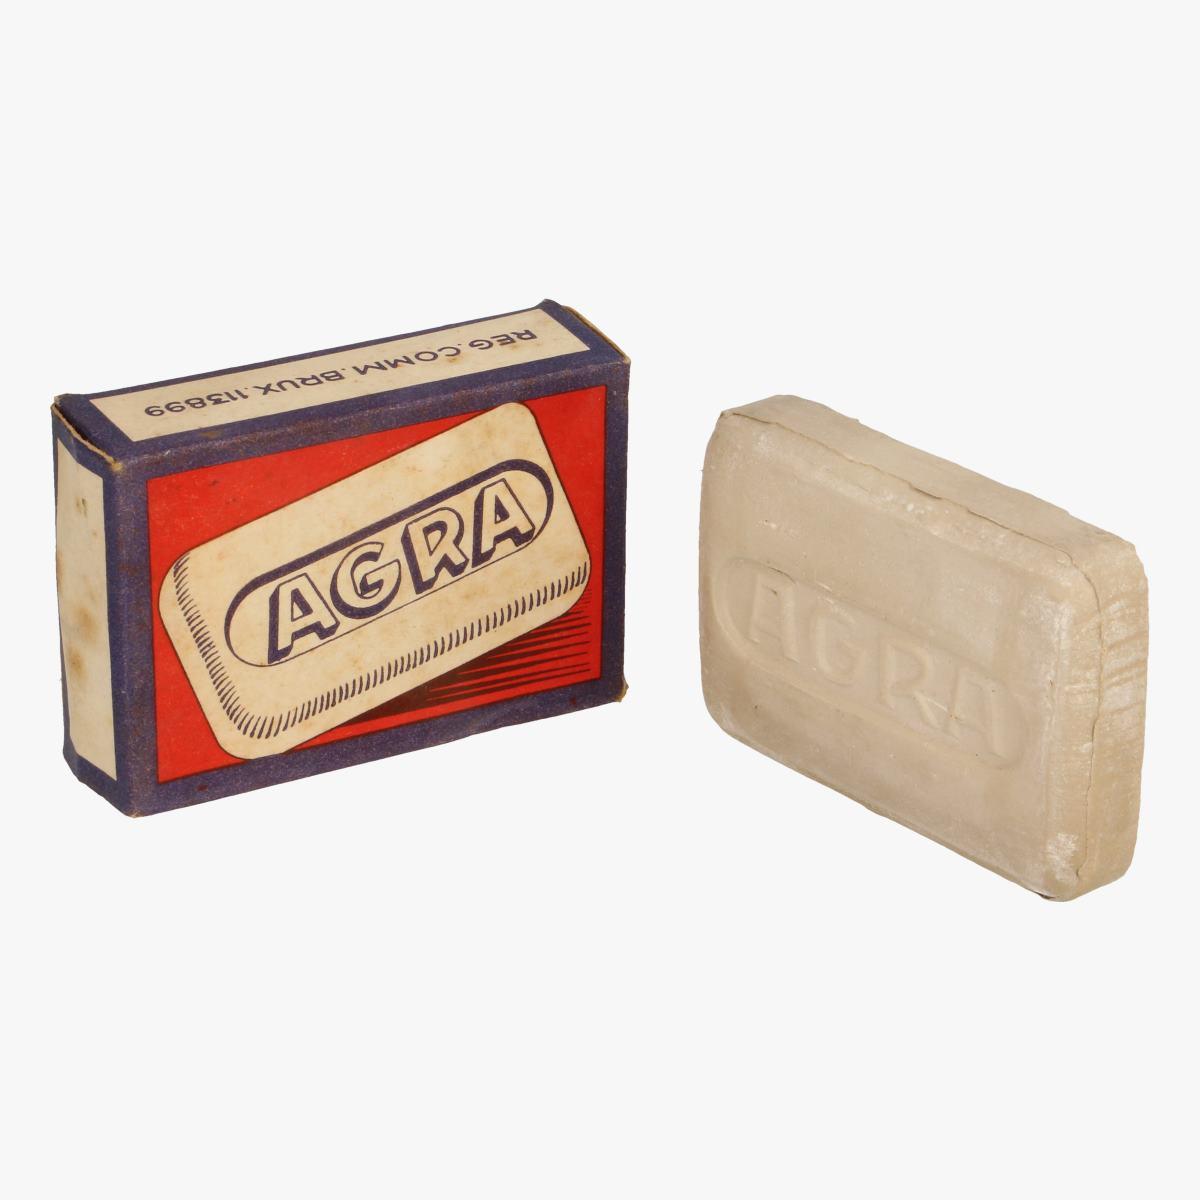 Afbeeldingen van zeep agra vendu sans timbres 1941